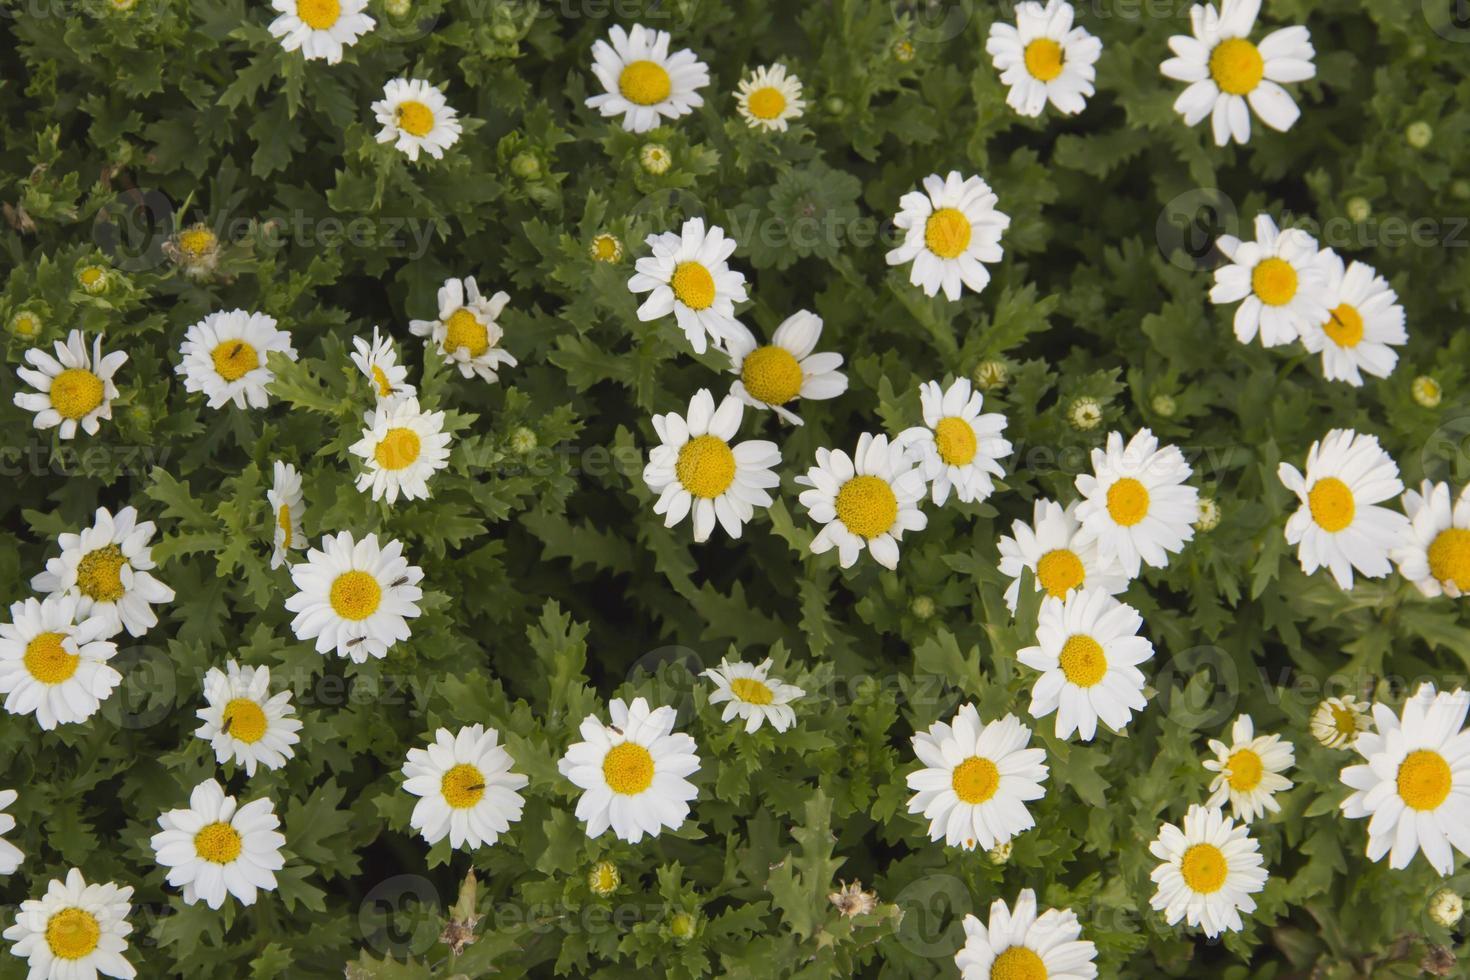 beaucoup de fleurs de marguerite dans un champ vert photo